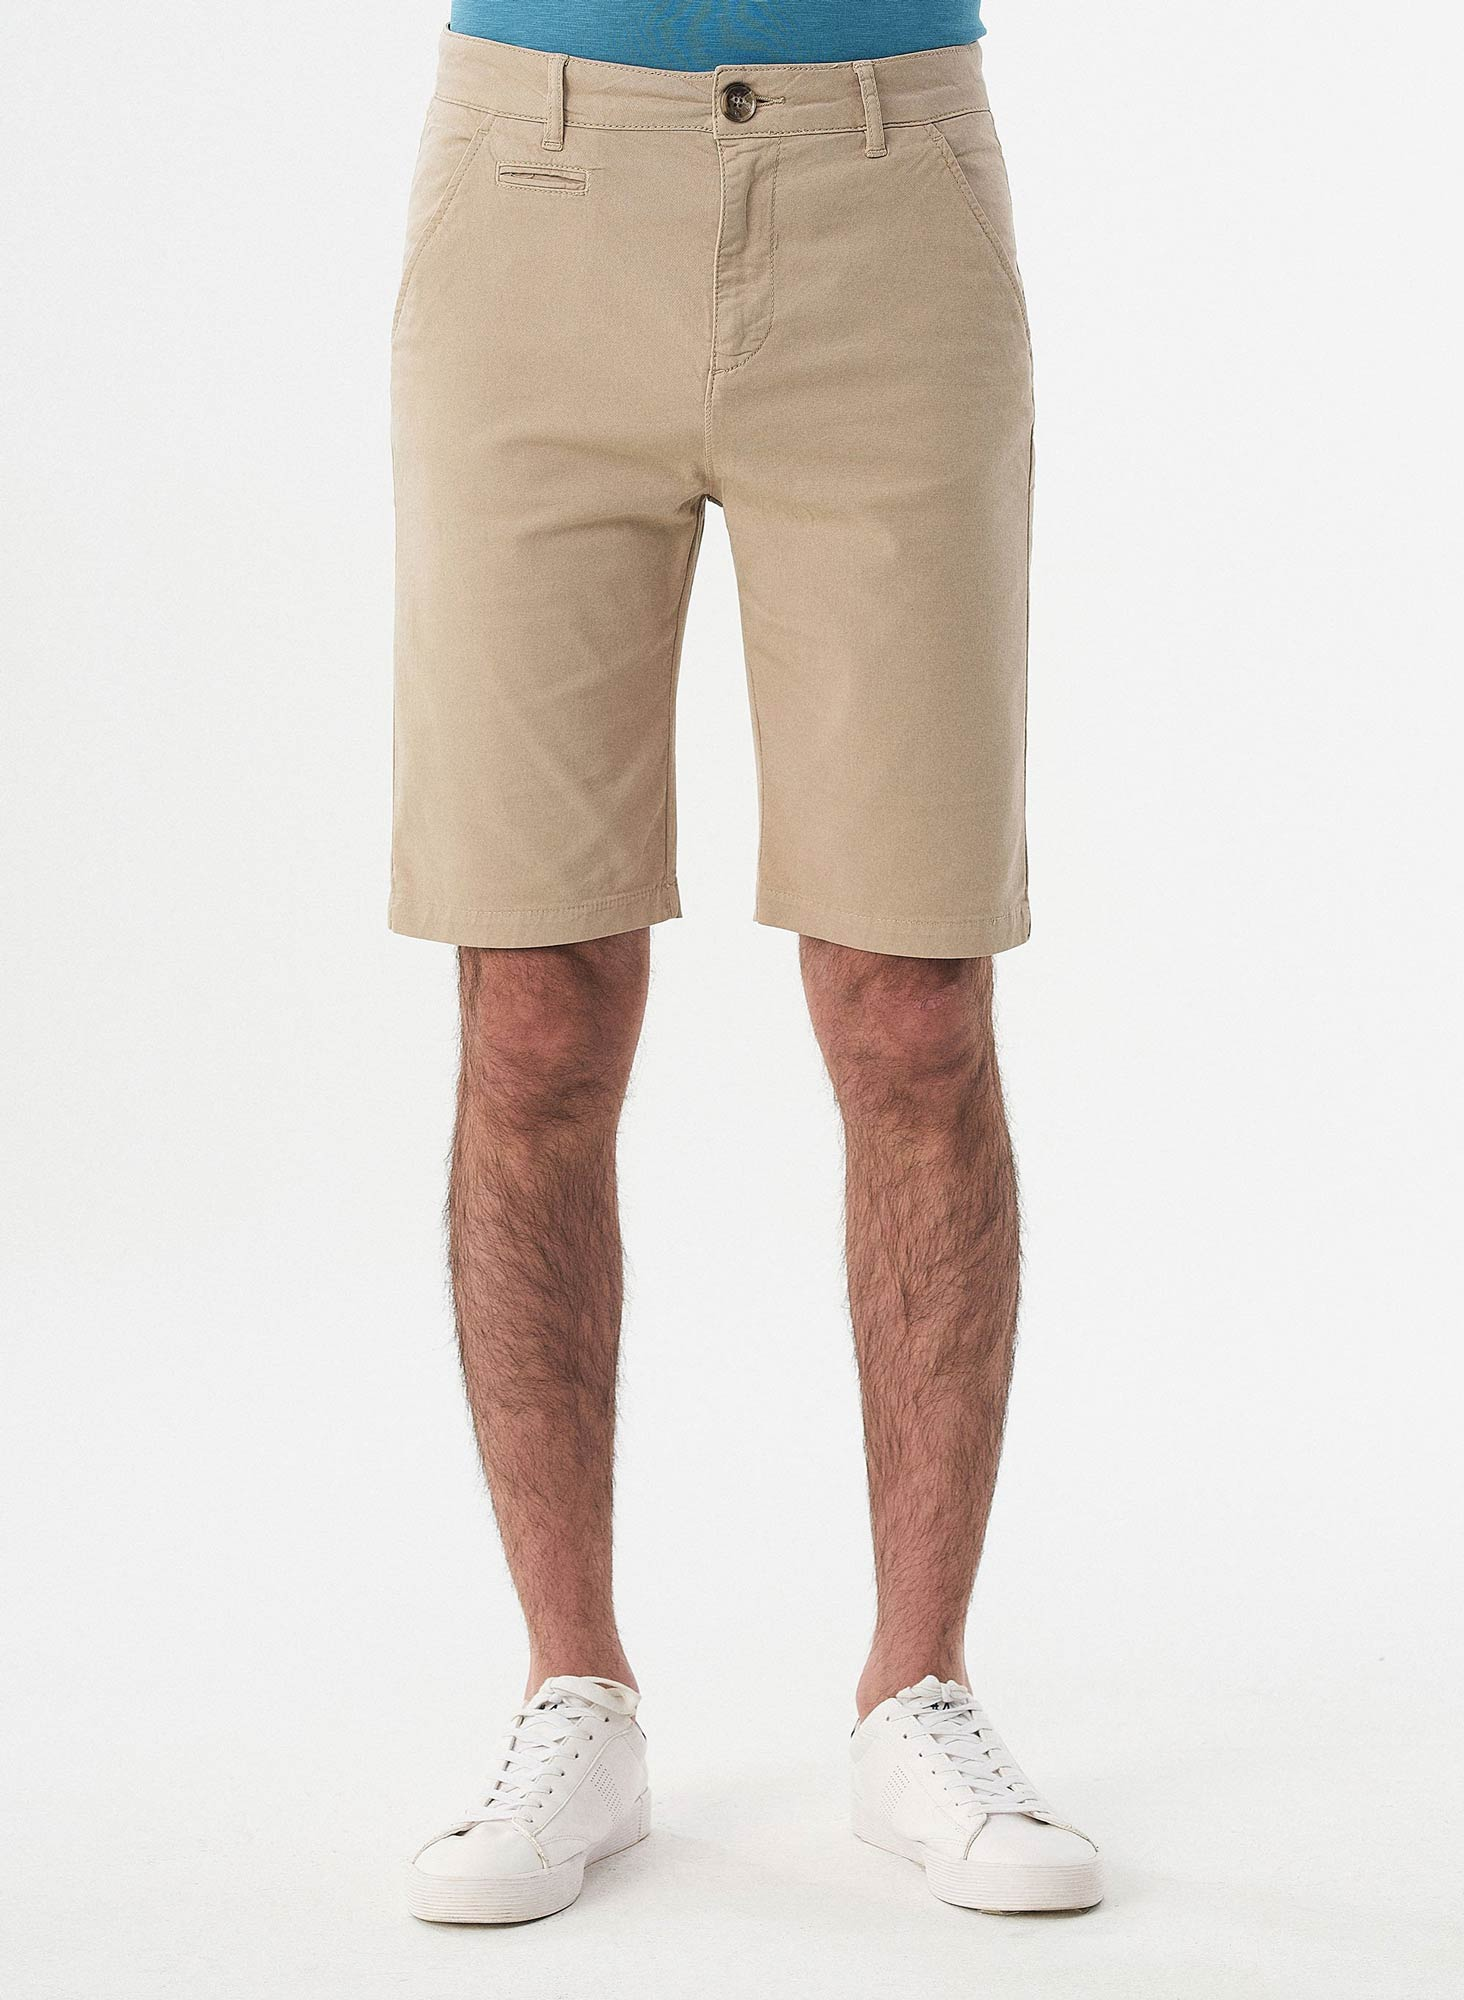 MOR11947-beige-Herren-Shorts-im-Chino-Style-zertifizierte-Biobaumwolle-Muenztasche-fair-trade-Mode-von-Organication